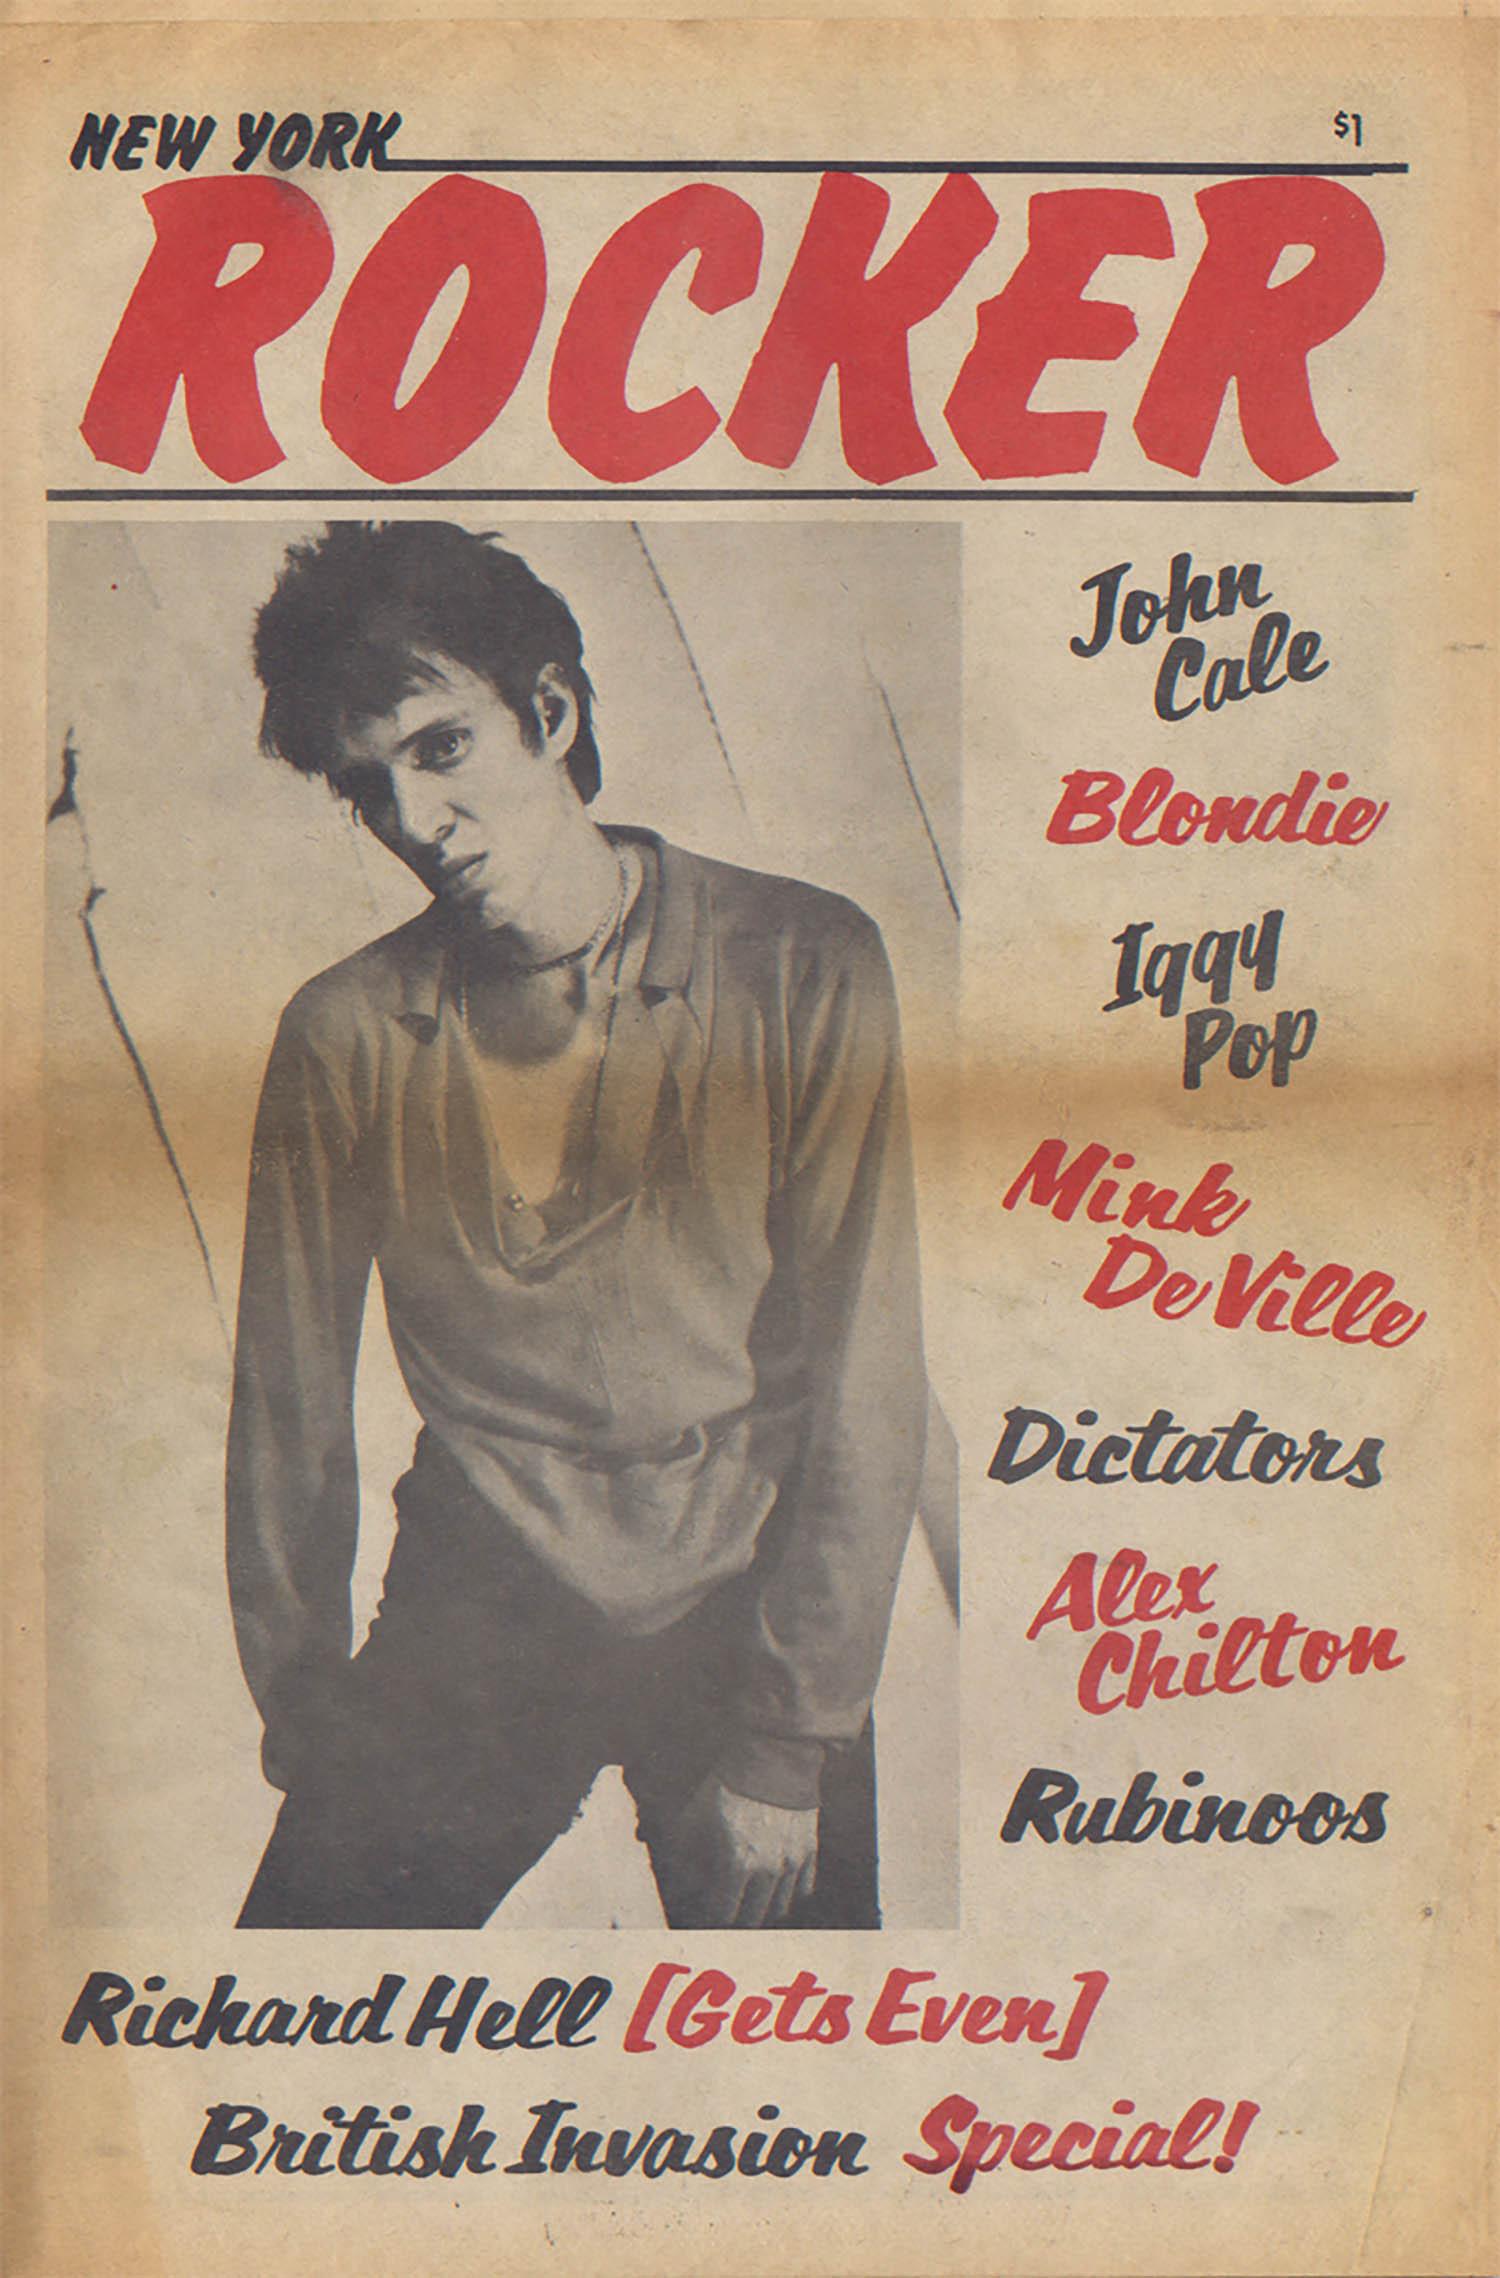 Richard Hell, Iggy Pop, Blondie; Issue No. 7, June, 1977